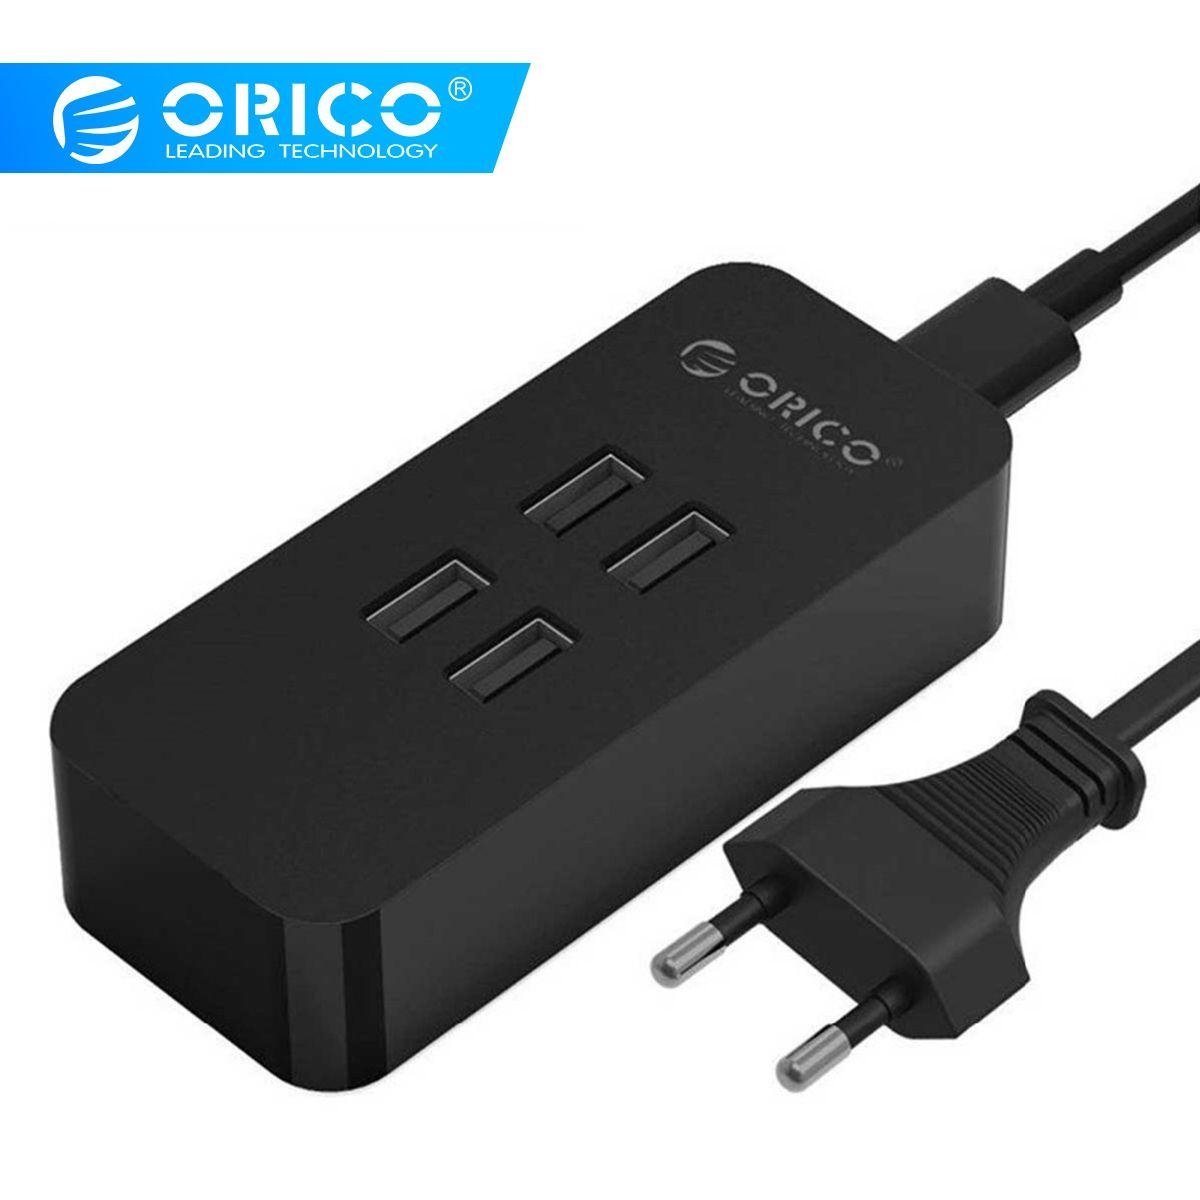 ORICO 4 Ports USB chargeur Mini Station de chargement intelligente Station de chargement 5V2. 4A * 4 sortie Max 20 W chargeur de bureau pour chargeur de téléphone intelligent